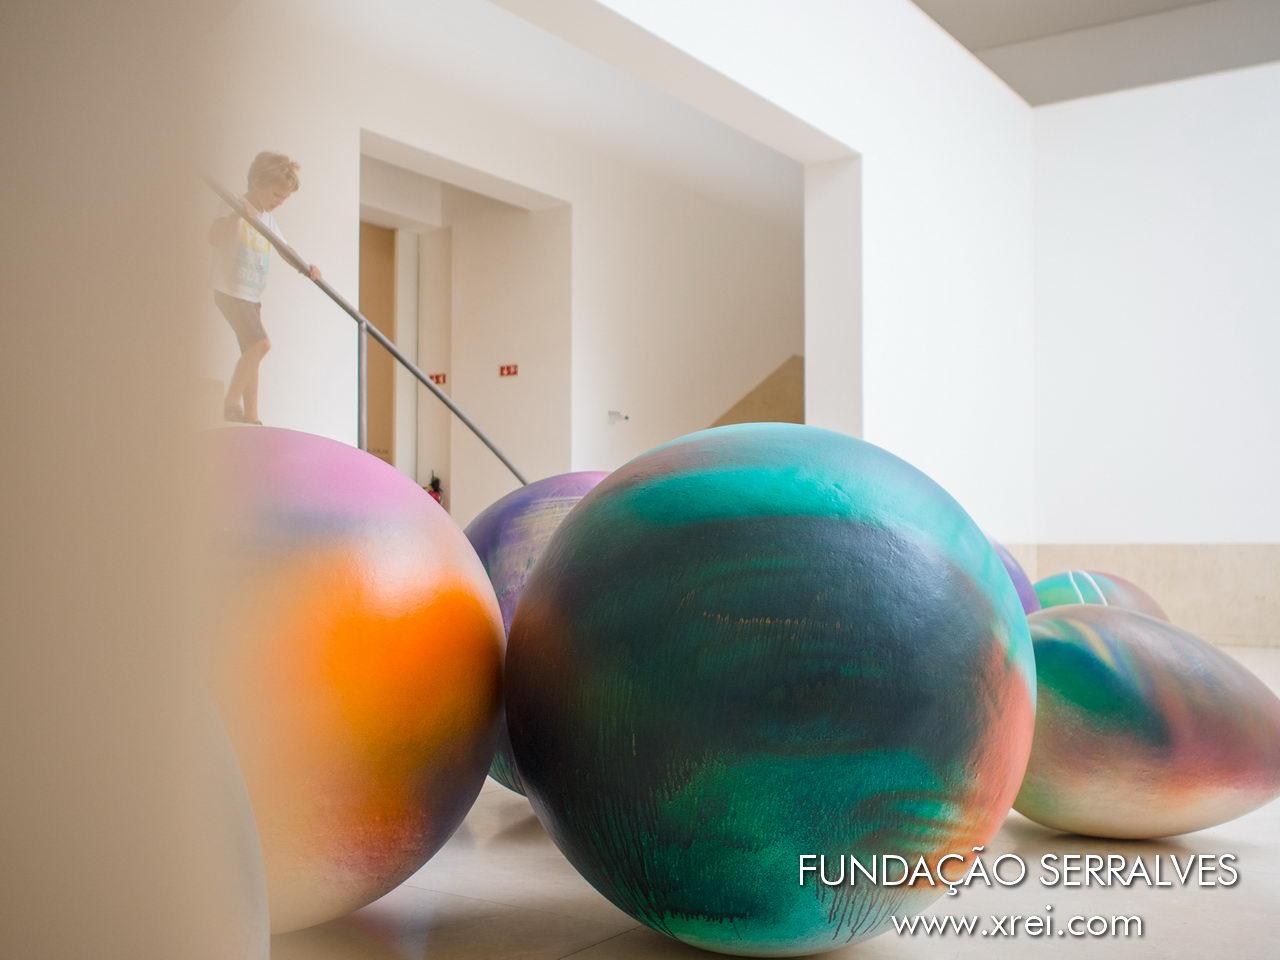 Museo de arte contemporáneo de la Fundación Serralves con varias exposiciones temporales cada tres meses, que interactúan con el Parque Serralves y la Casa Serralves